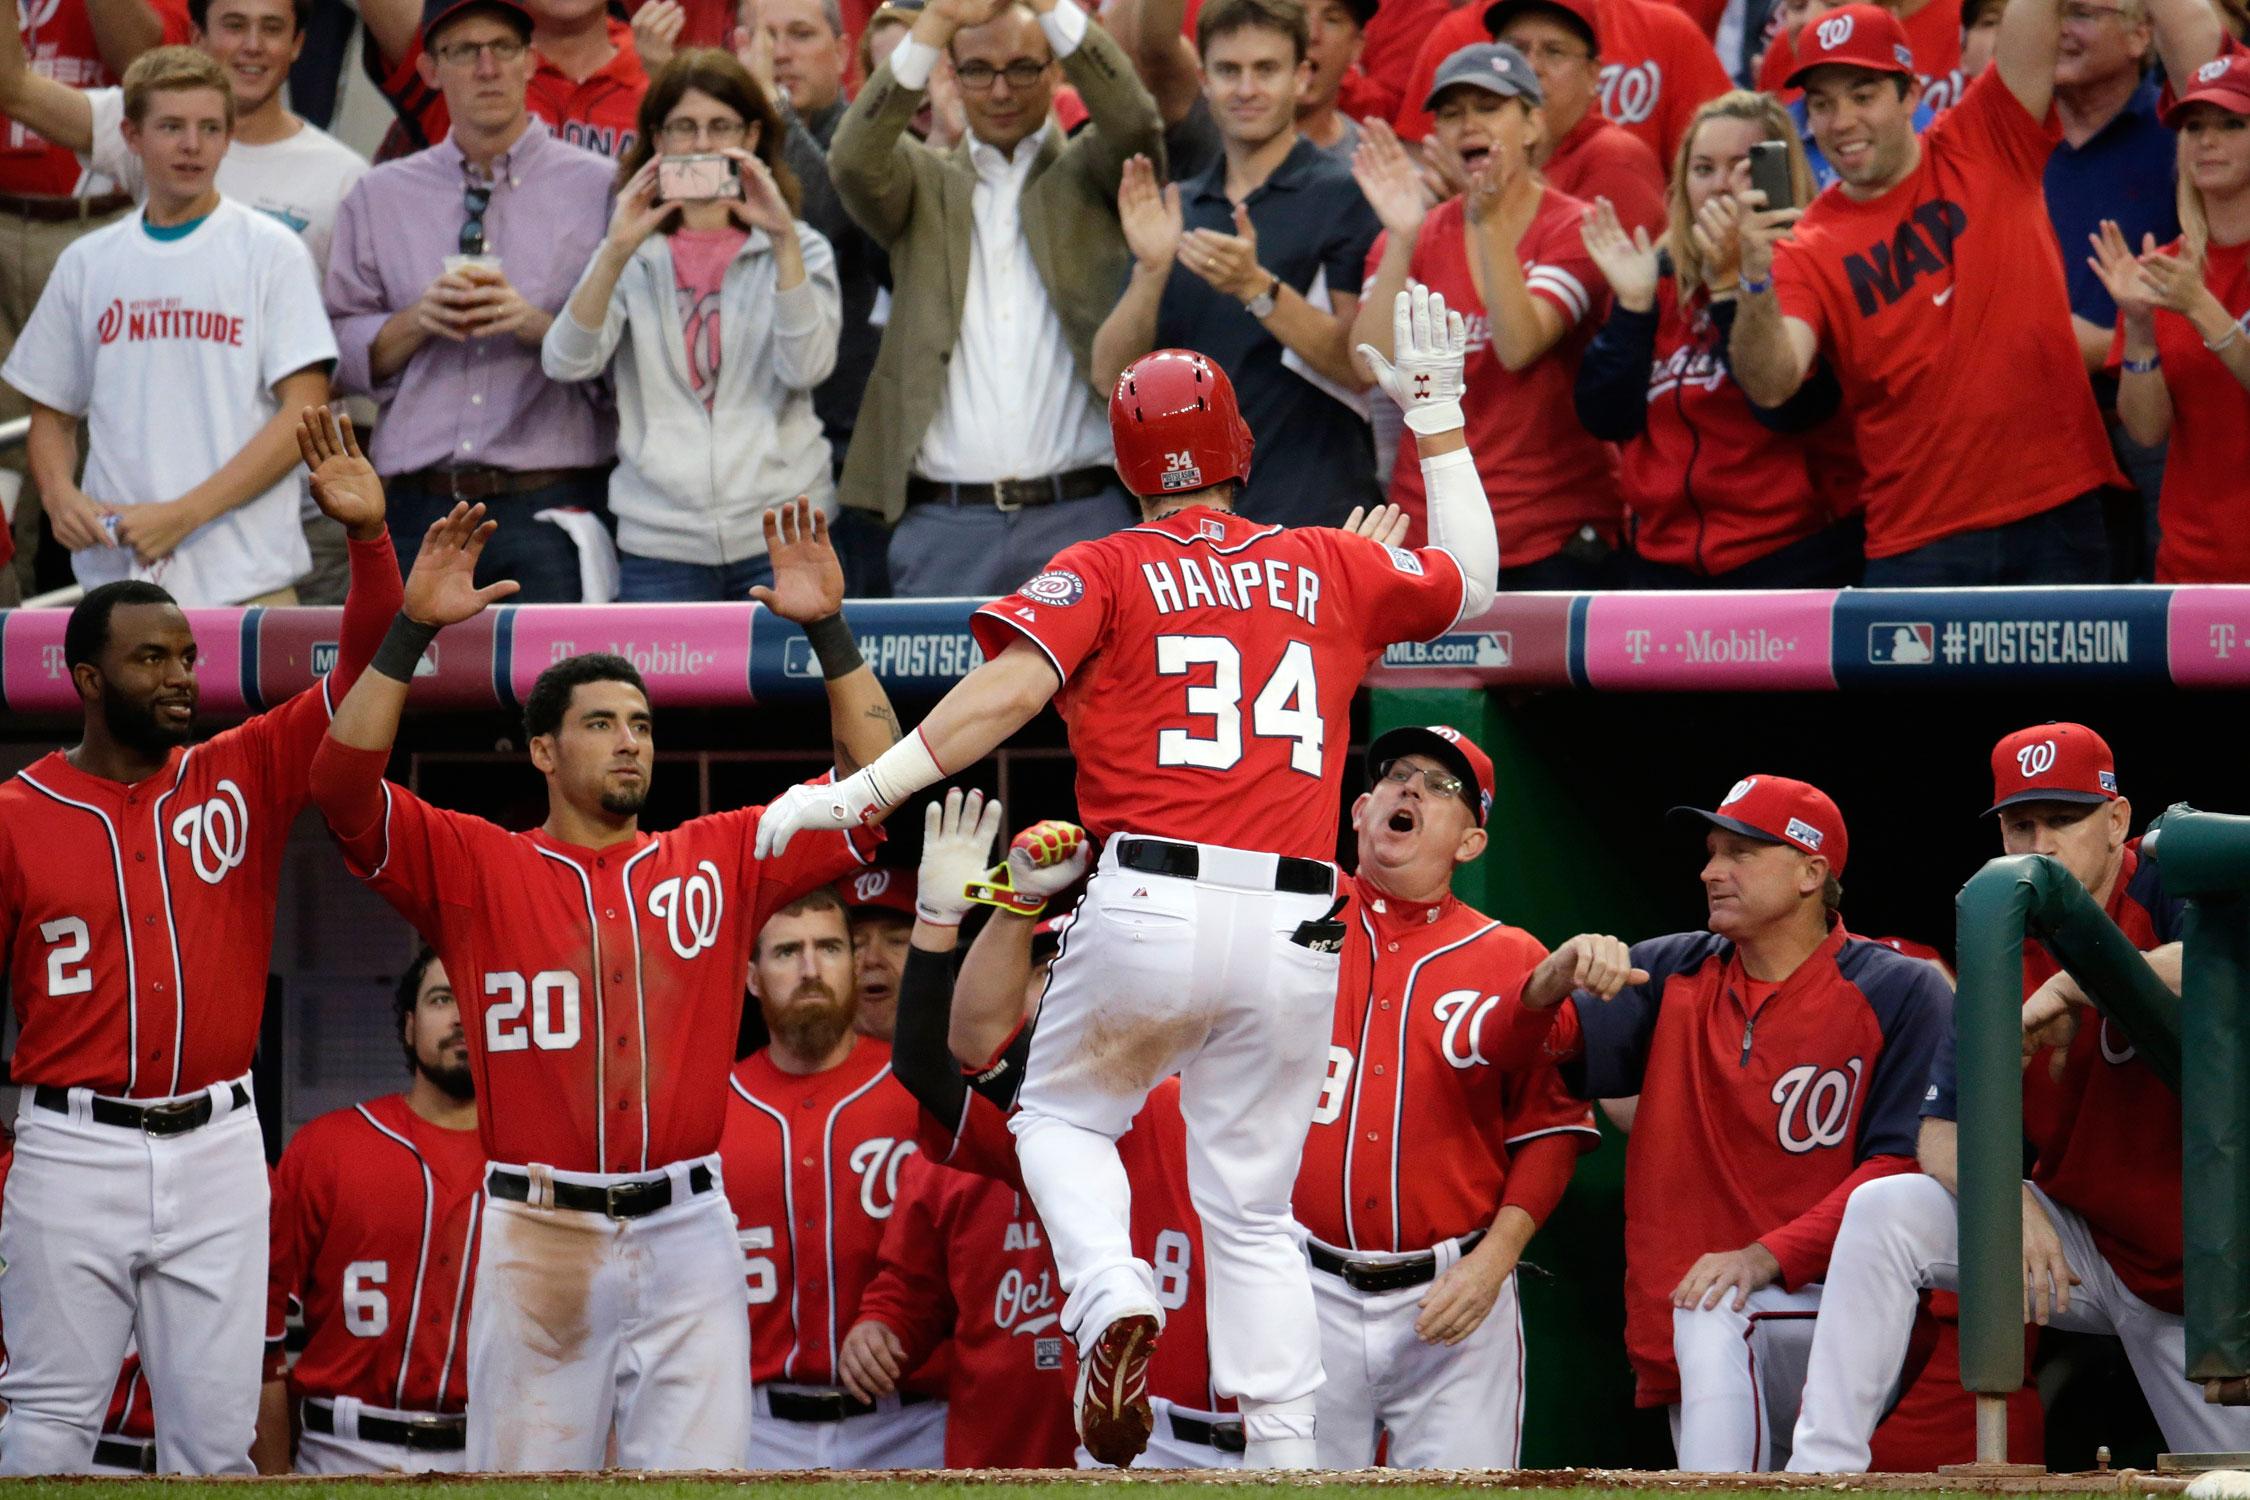 2015 MLB Predictions